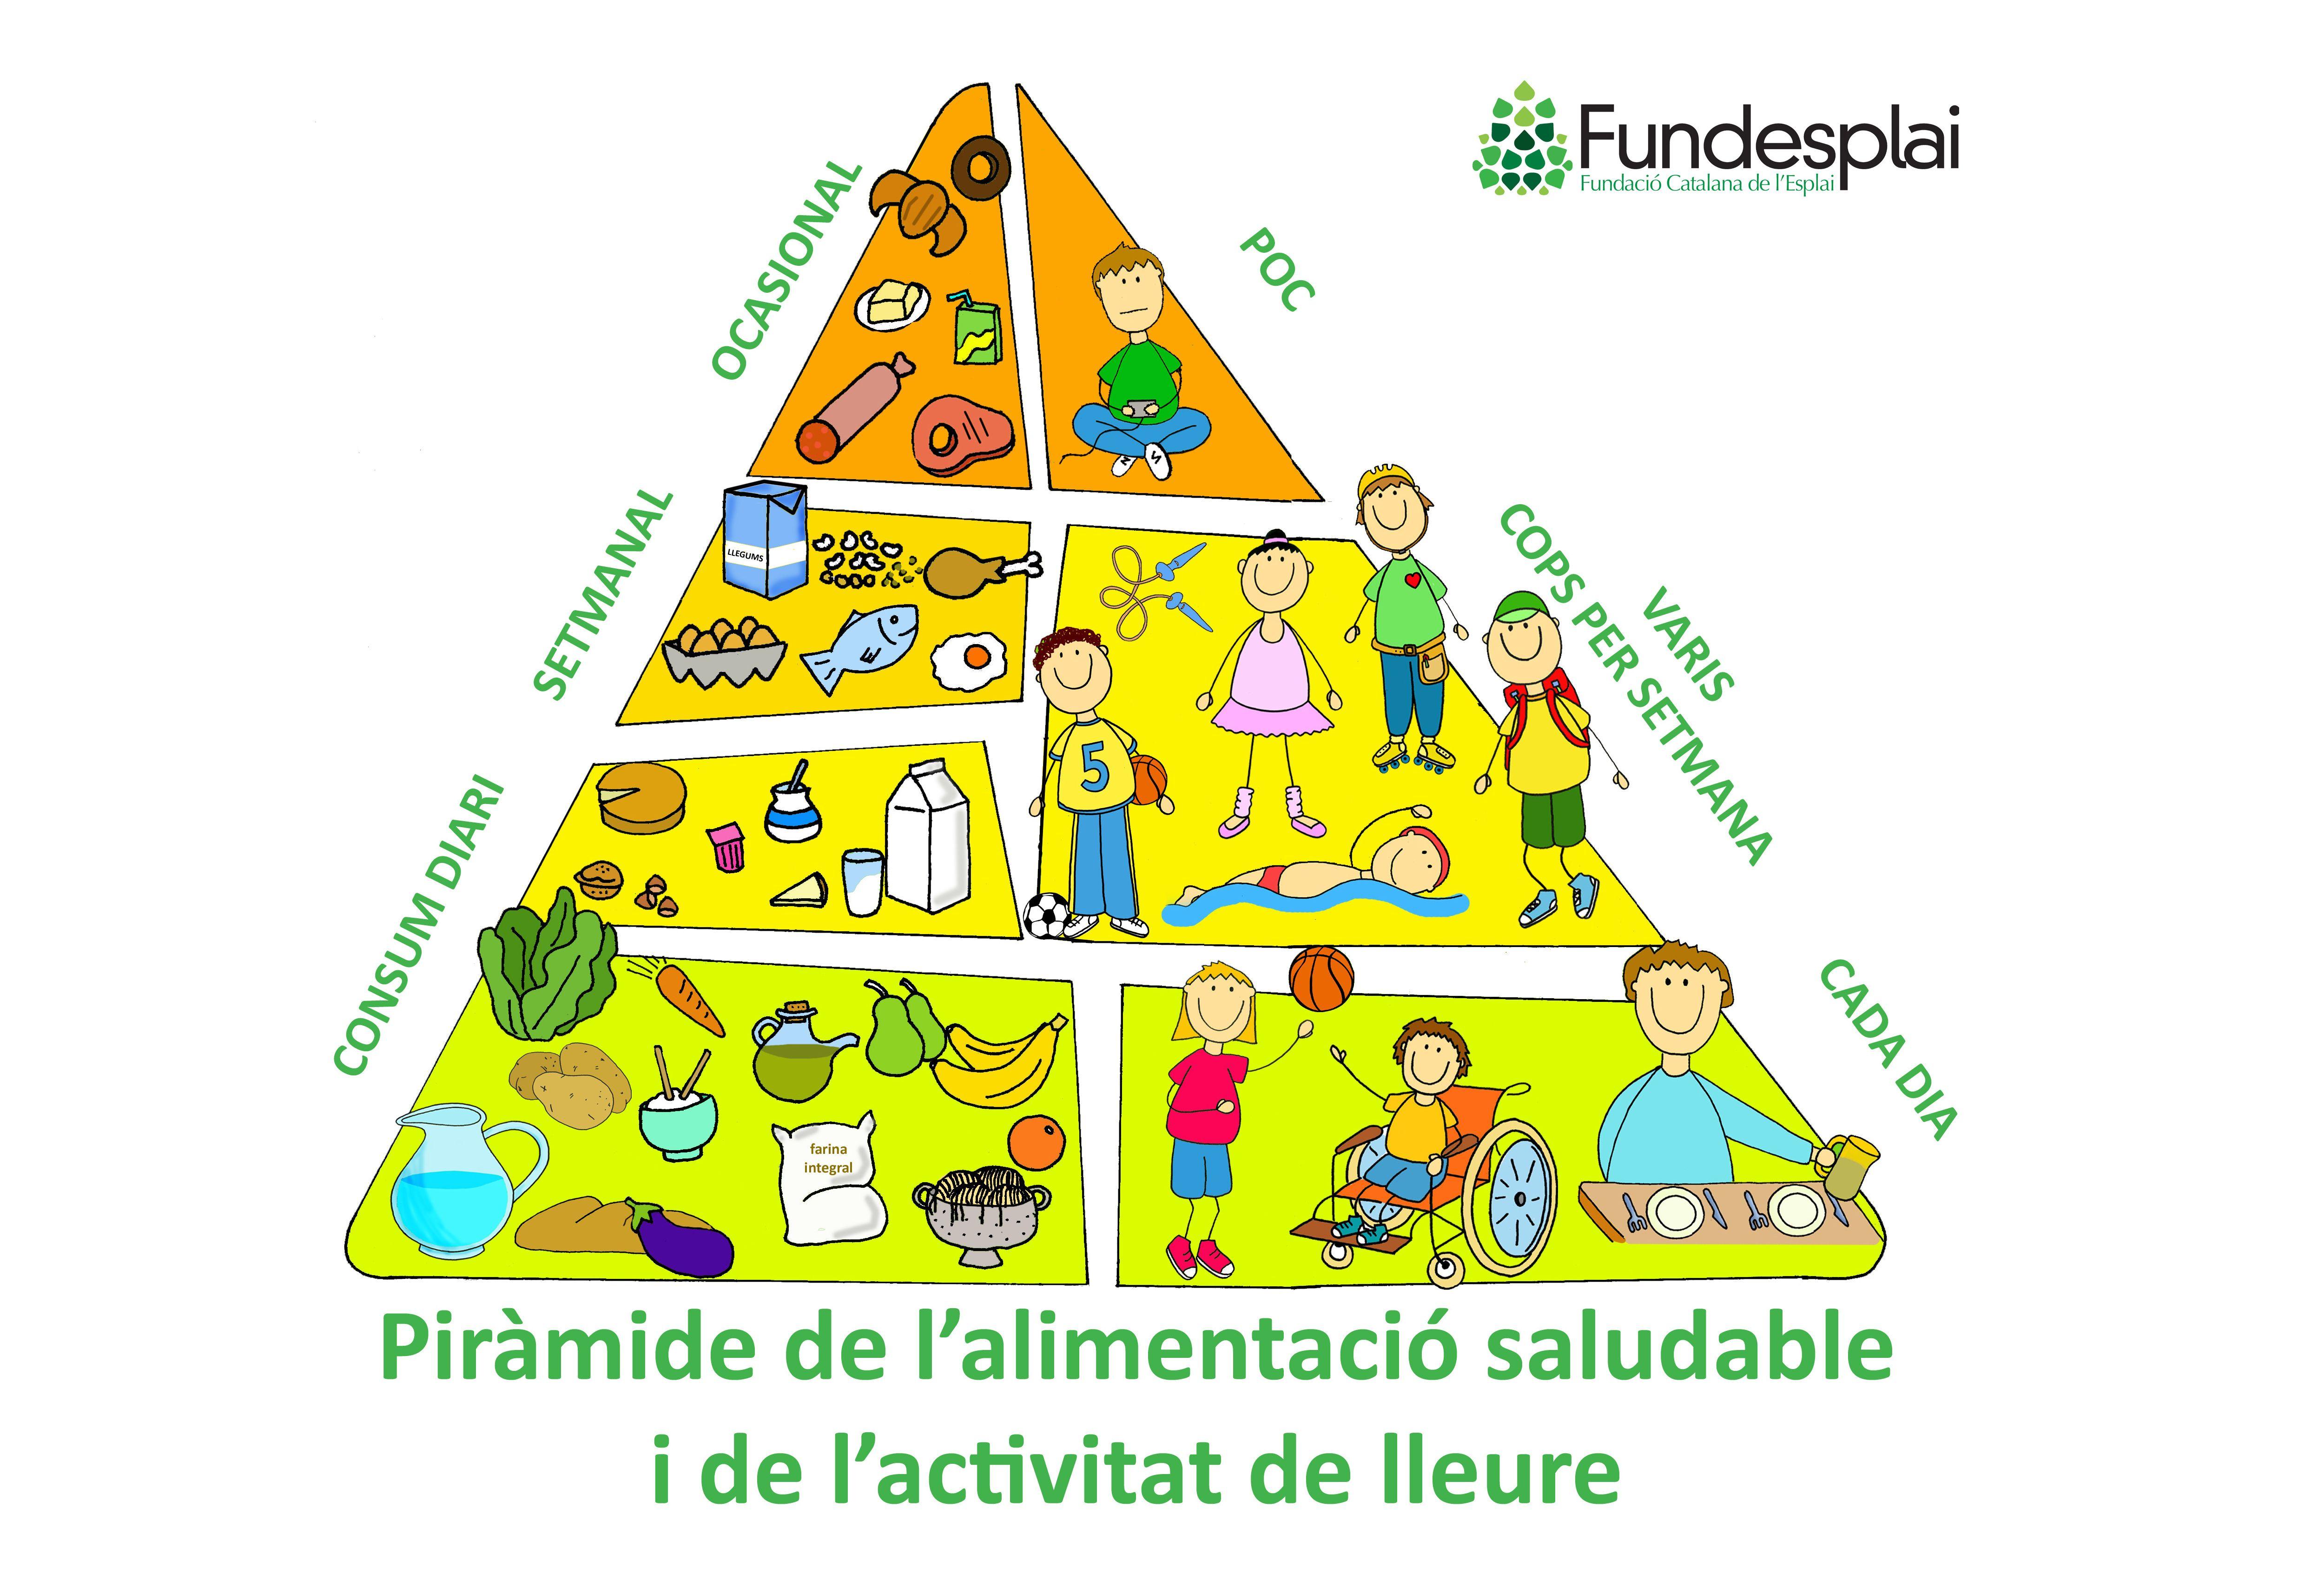 Piràmide de l'alimentació saludable i el lleure de Fundesplai